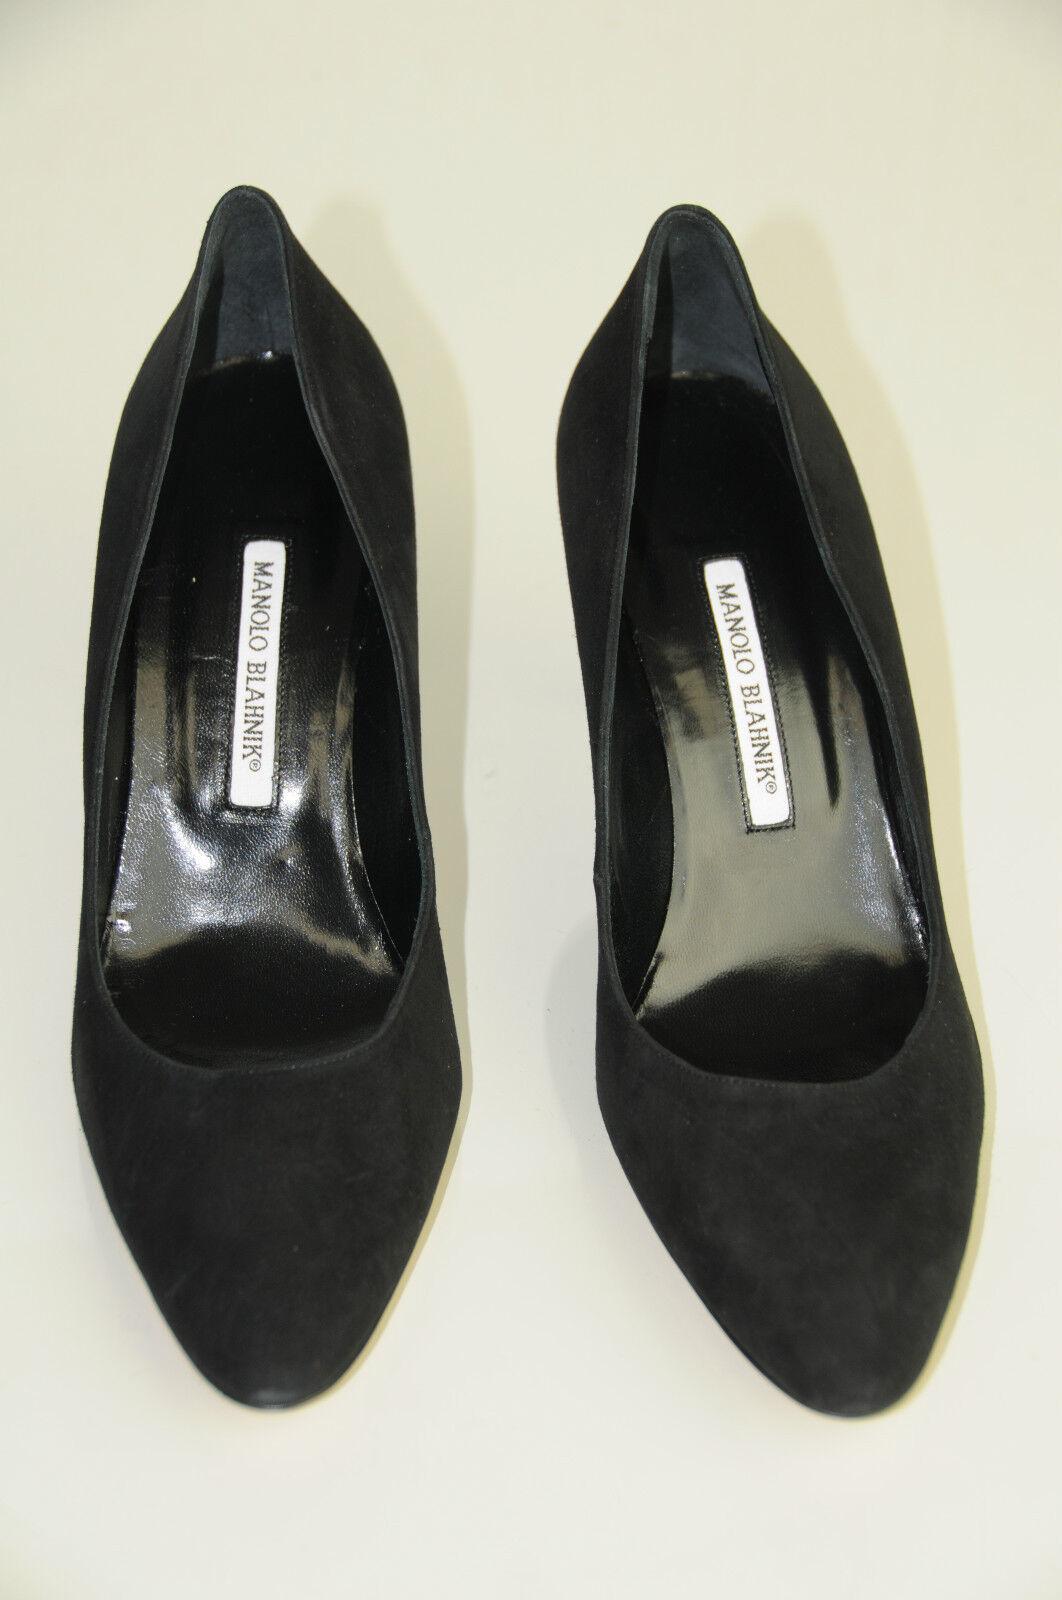 Neu Manolo Blahnik Bb 90 Mandel Zeh Schwarzes Veloursleder Schuhe Schuhe Schuhe Absätze Pumps 201be2